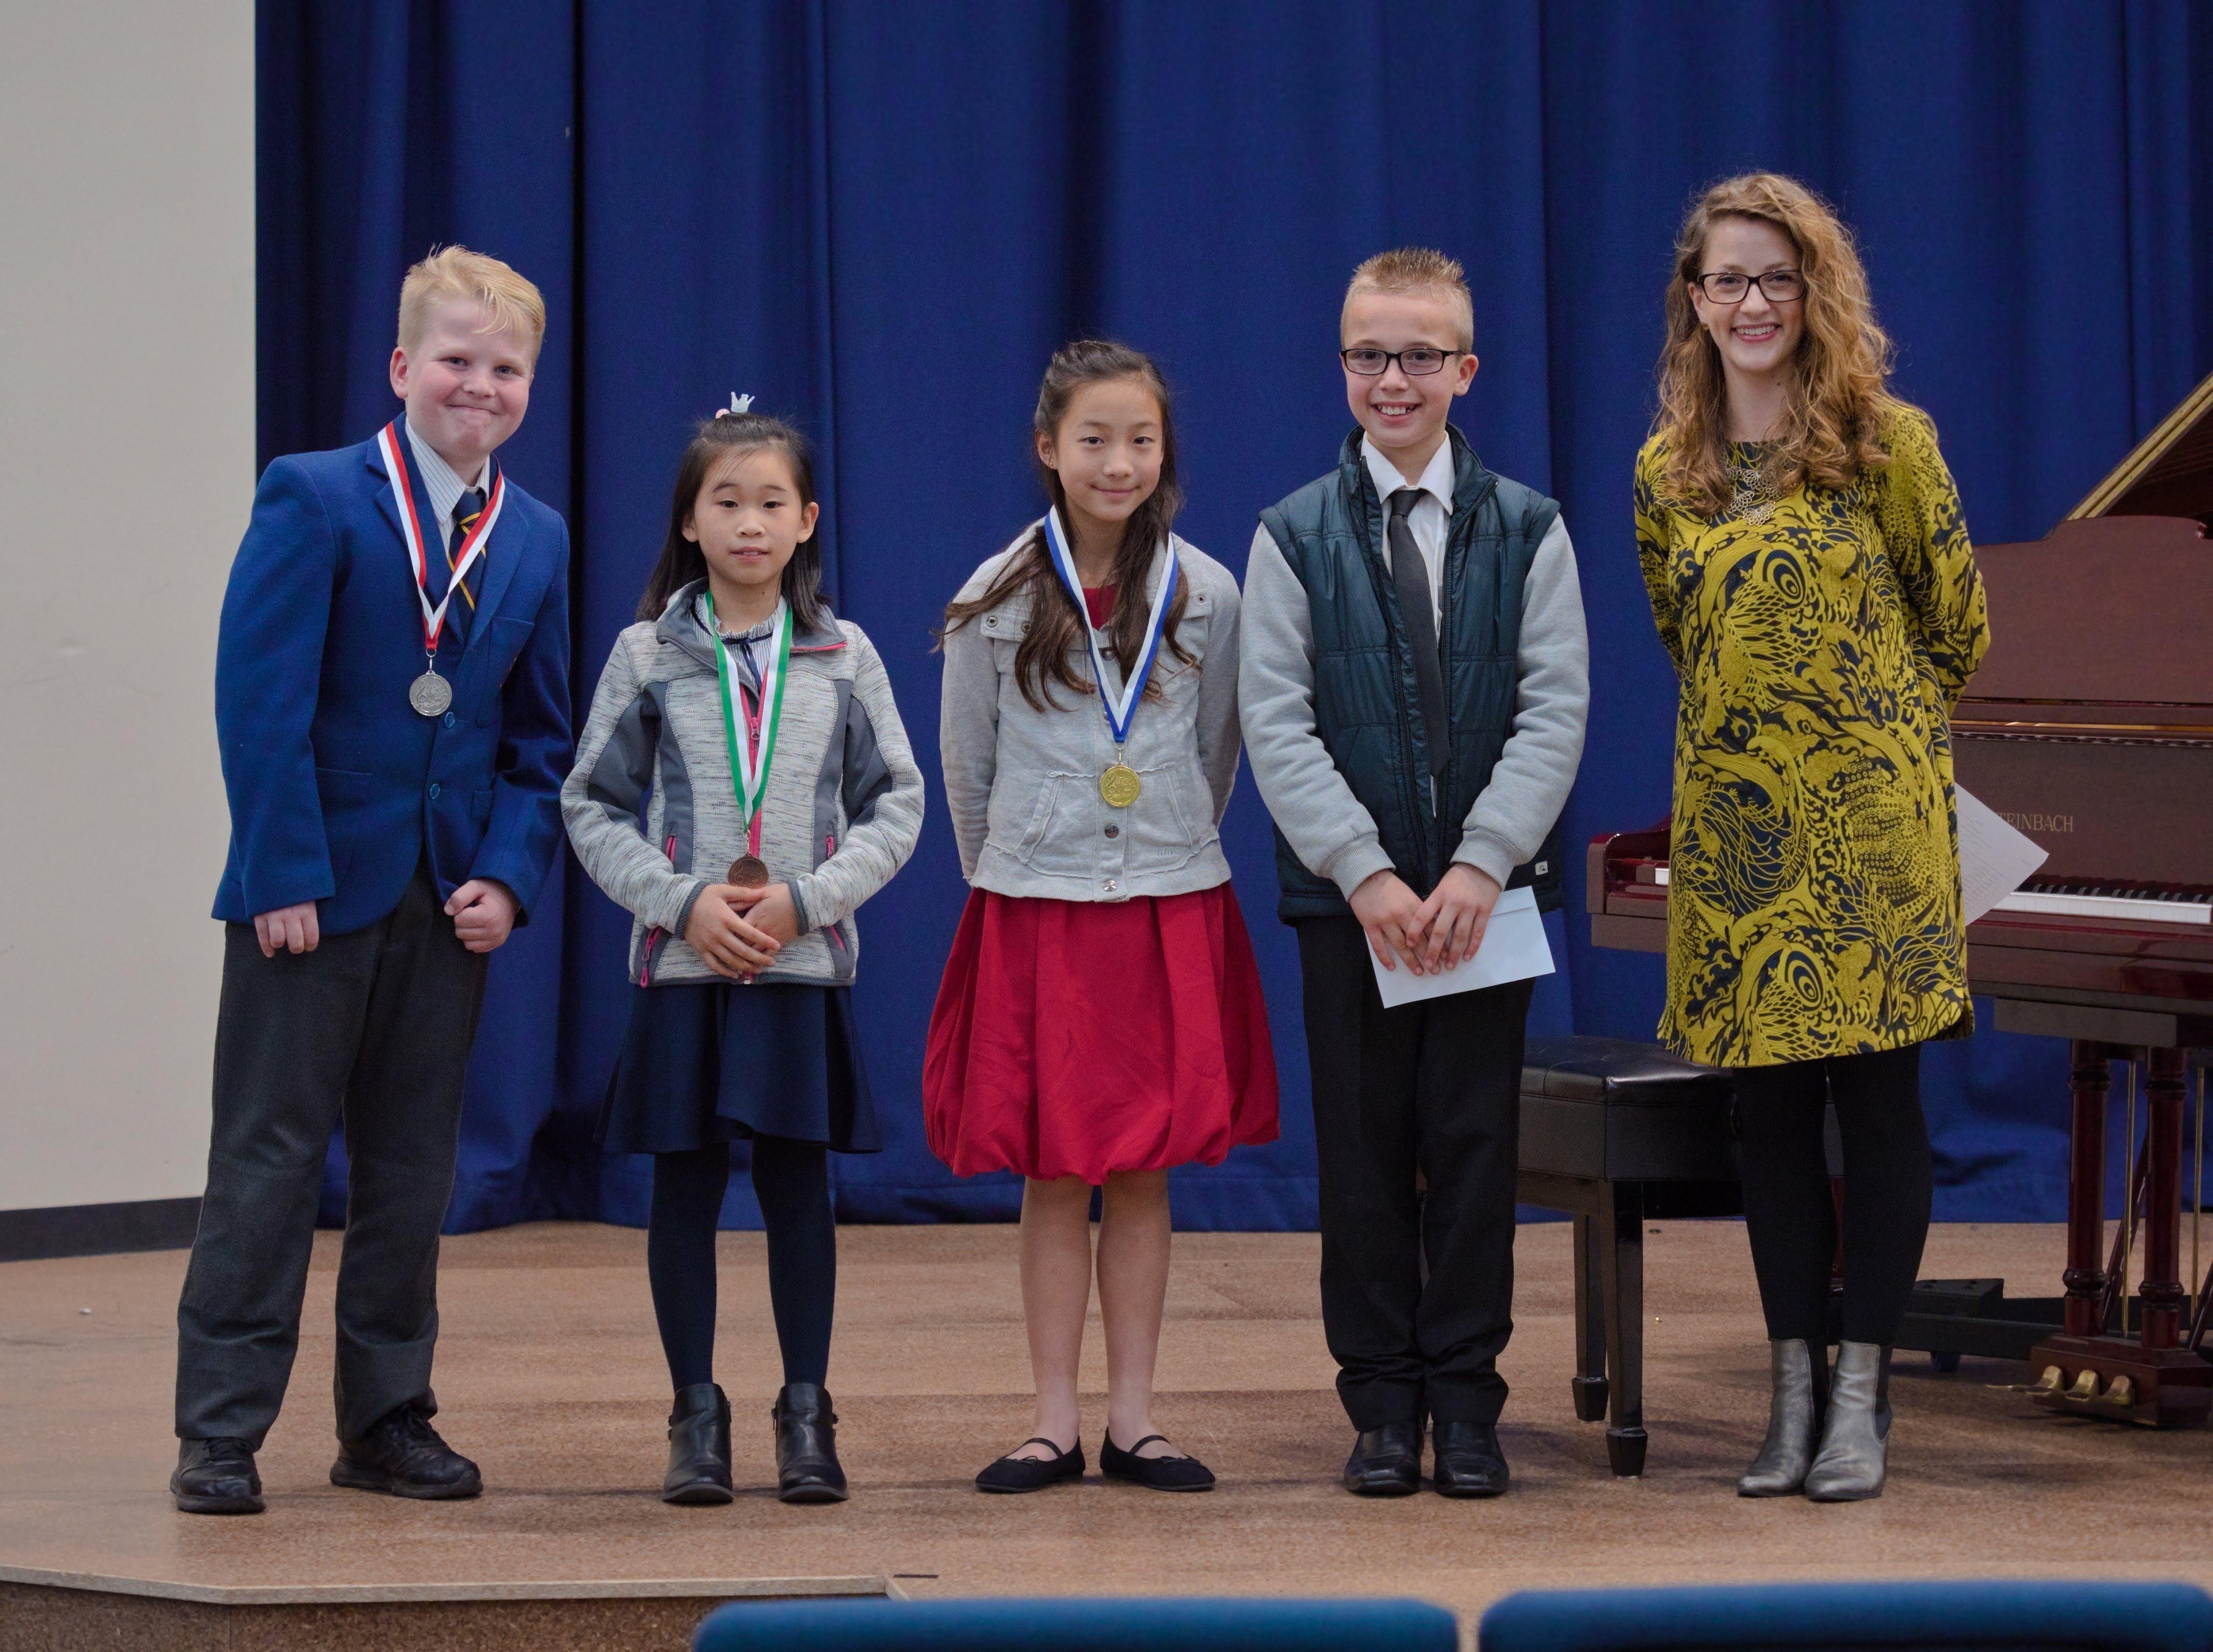 WGE Pianoforte Day 1 S1.06 1st Giovanna Wijaya, 2nd Oscar Wilkins, 3rd Serenity Lao, Encouragement Award Winner Kaylen Bietman